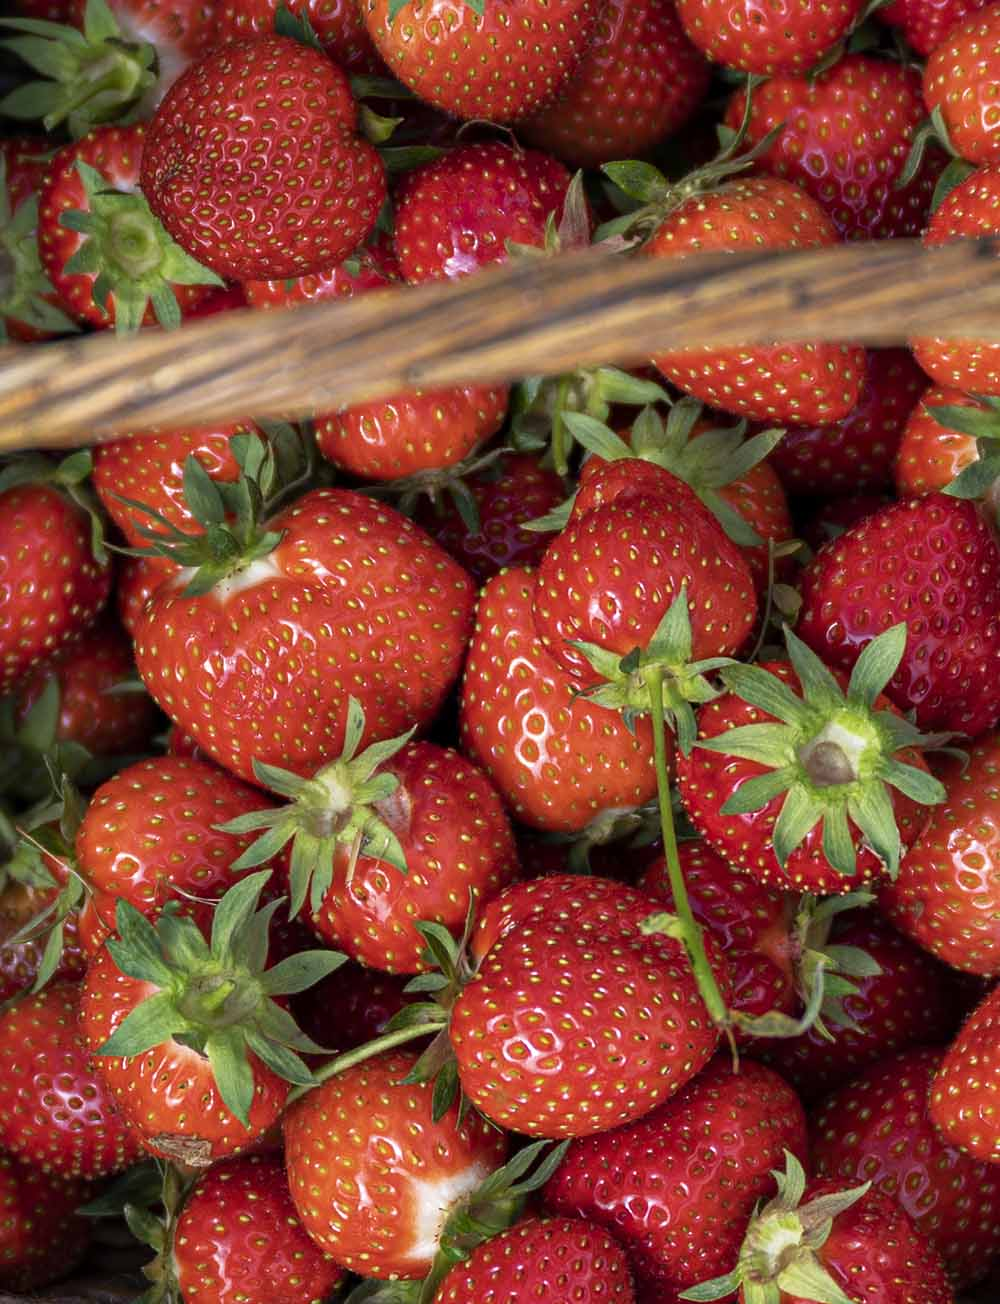 Frisch gepflückte Bio-Erdbeeren in einem Korb